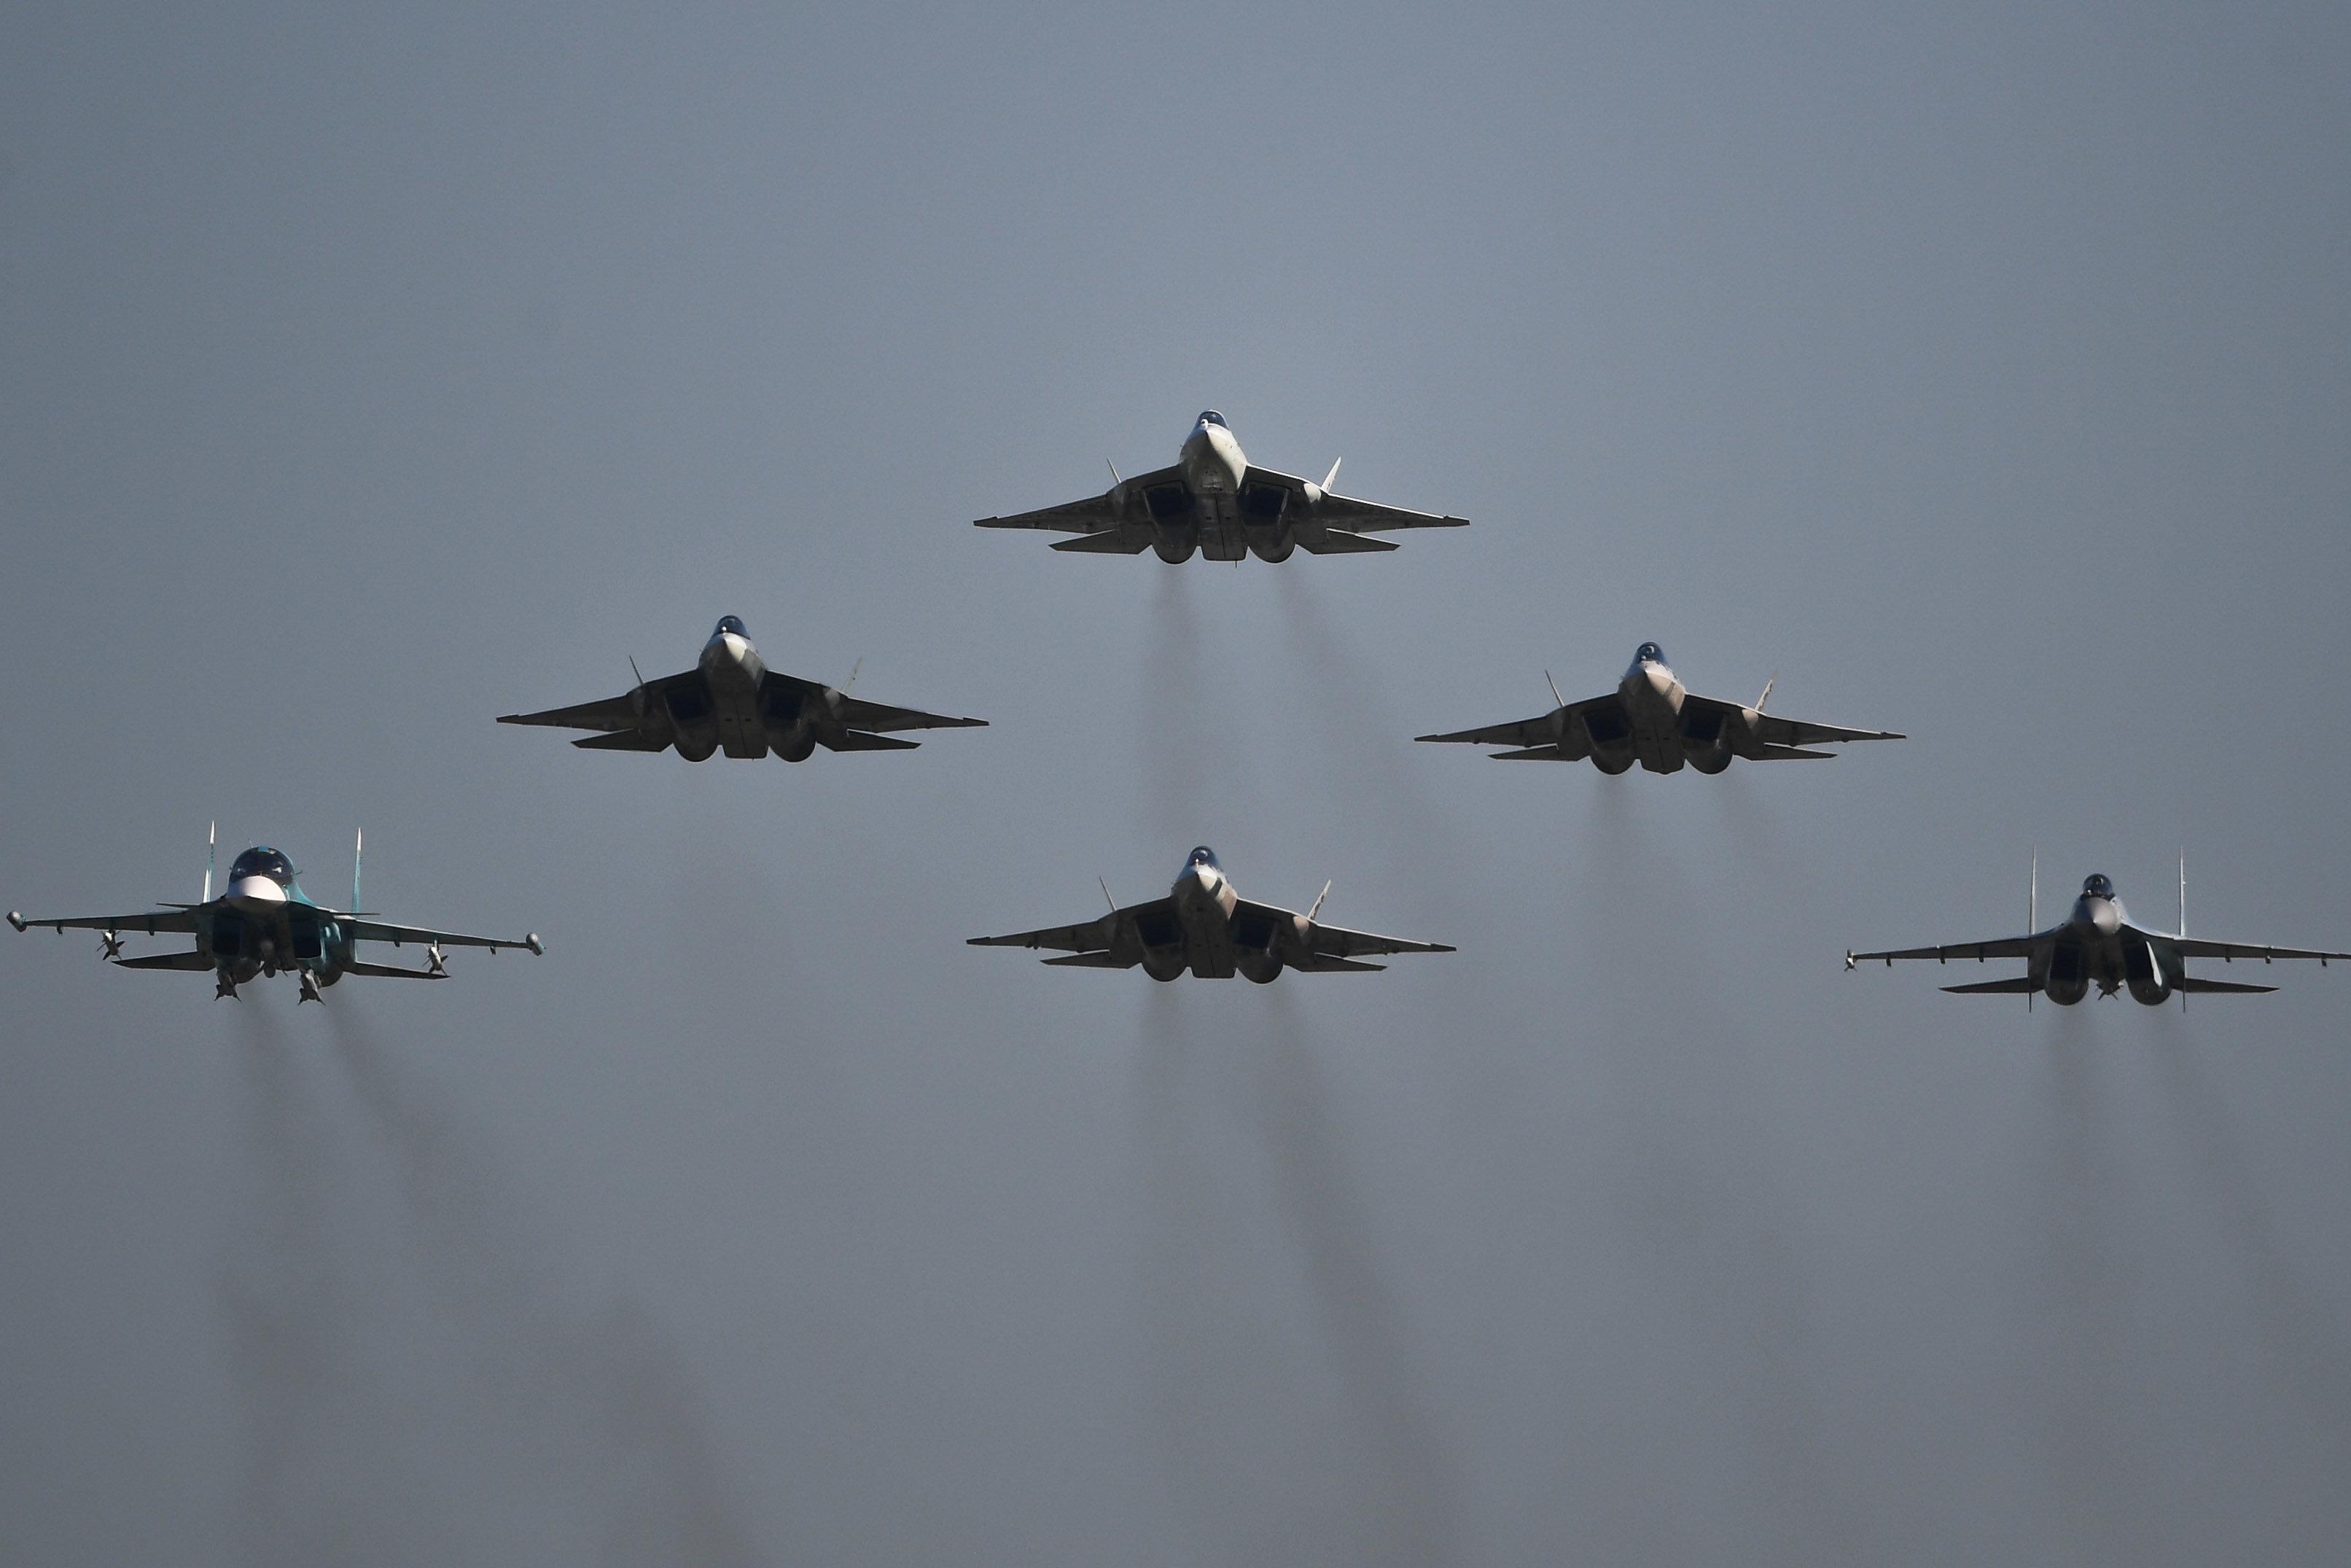 Россия вошла в тройку крупнейших военно-воздушных держав мира: в США опубликовали рейтинг стран с самыми сильными ВВС за 2019 год